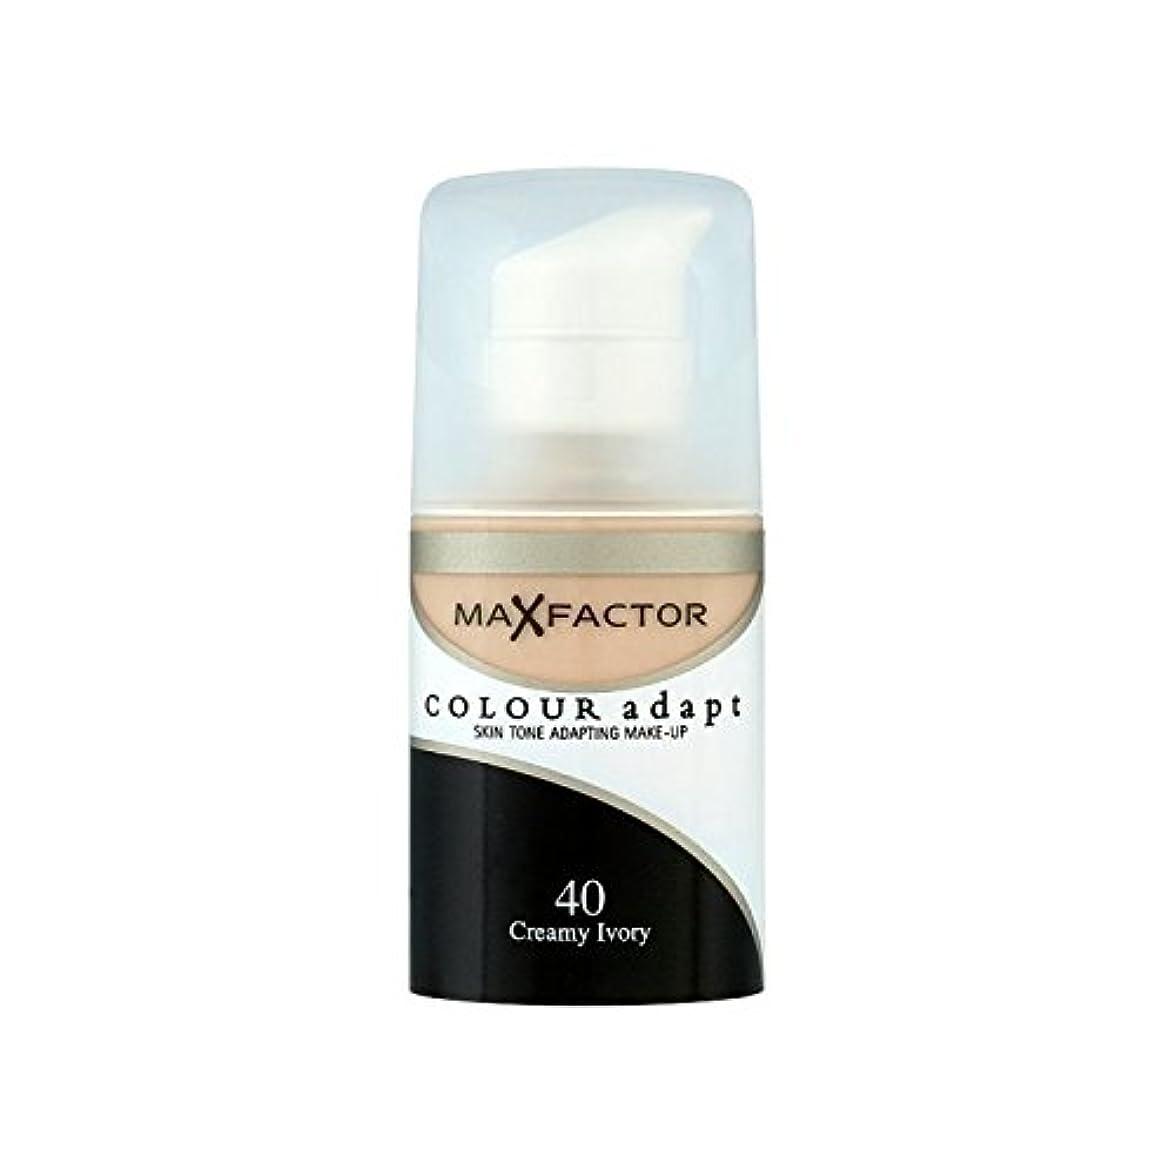 コーナー収束密輸マックスファクターの色は、基礎クリーミーな象牙40を適応させます x4 - Max Factor Colour Adapt Foundation Creamy Ivory 40 (Pack of 4) [並行輸入品]